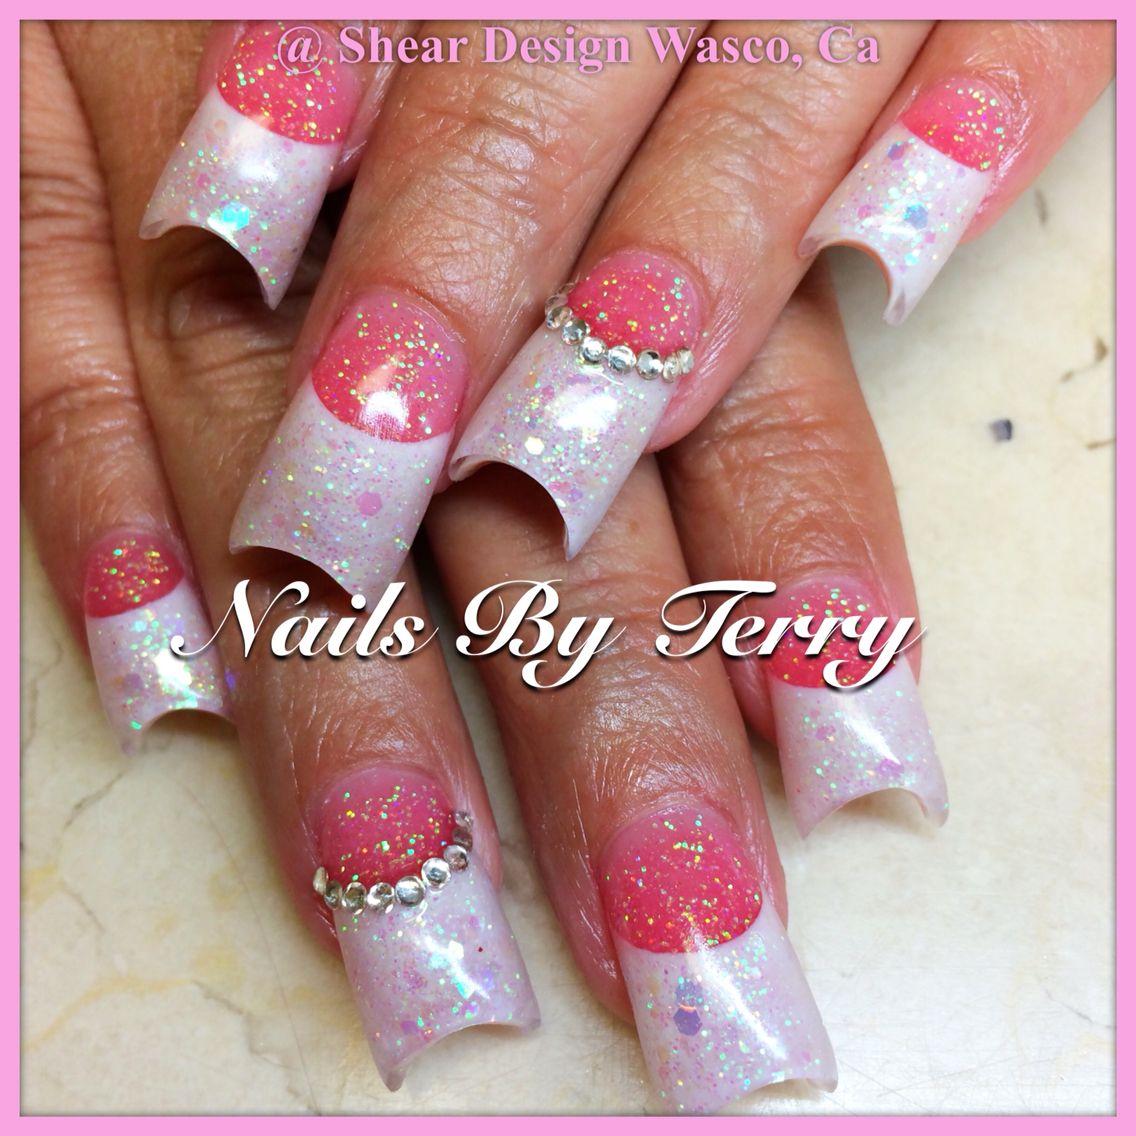 New Rockstar Acrylic Nail Designs: Pink And White Acrylic Nails